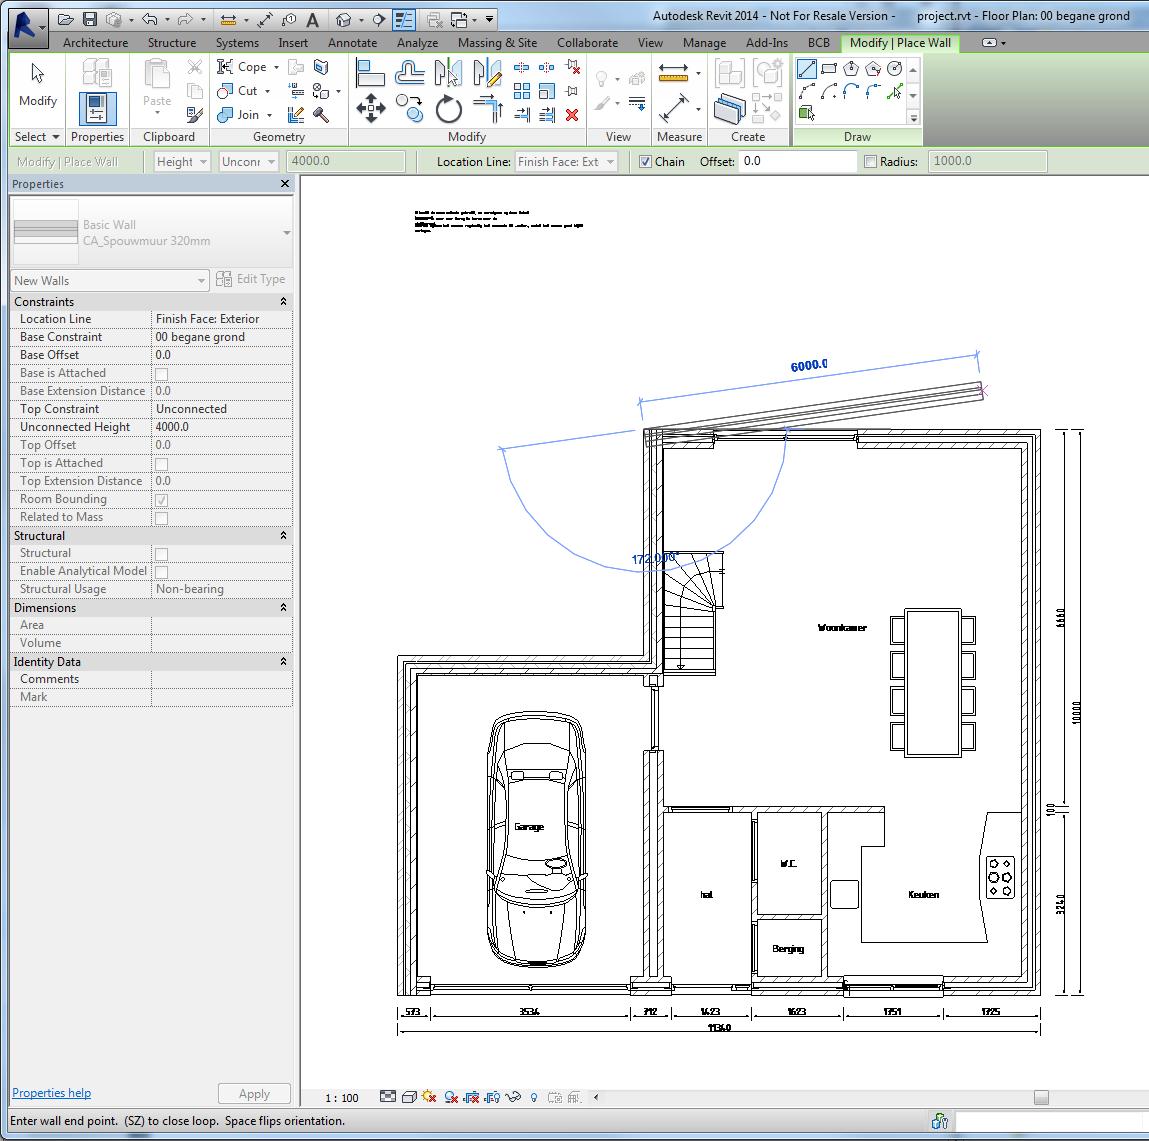 Autocad tekeningen openen en gebruiken in revit lt for 2d plattegrond maken